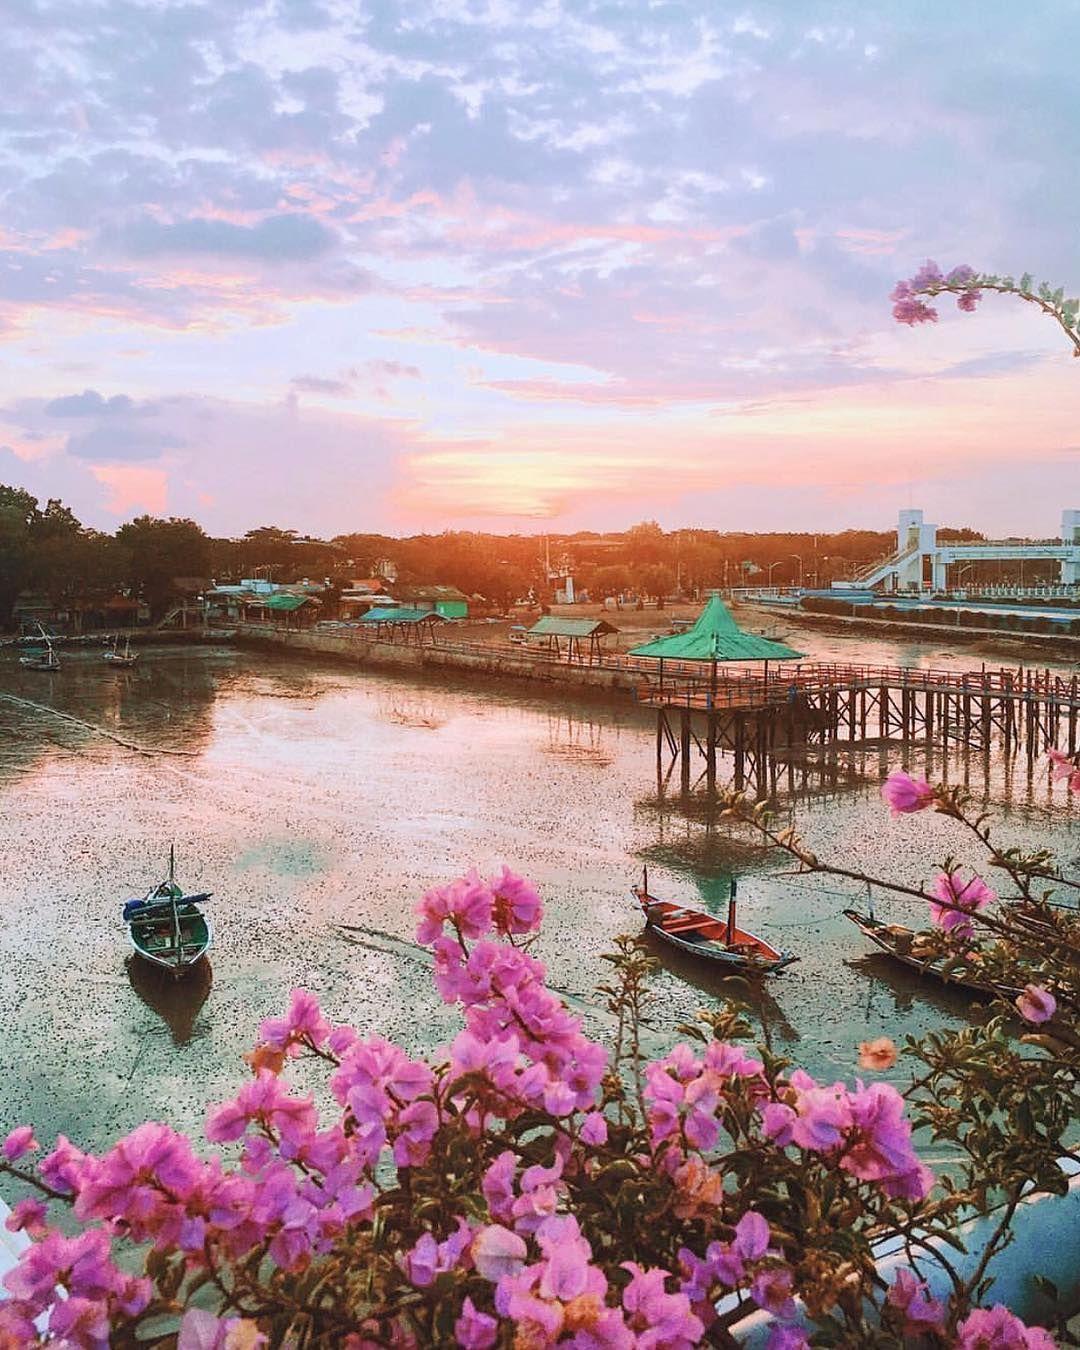 Belum Pernah ke Surabaya? 8 Destinasi Wisata Ini Wajib Kamu Kunjungi